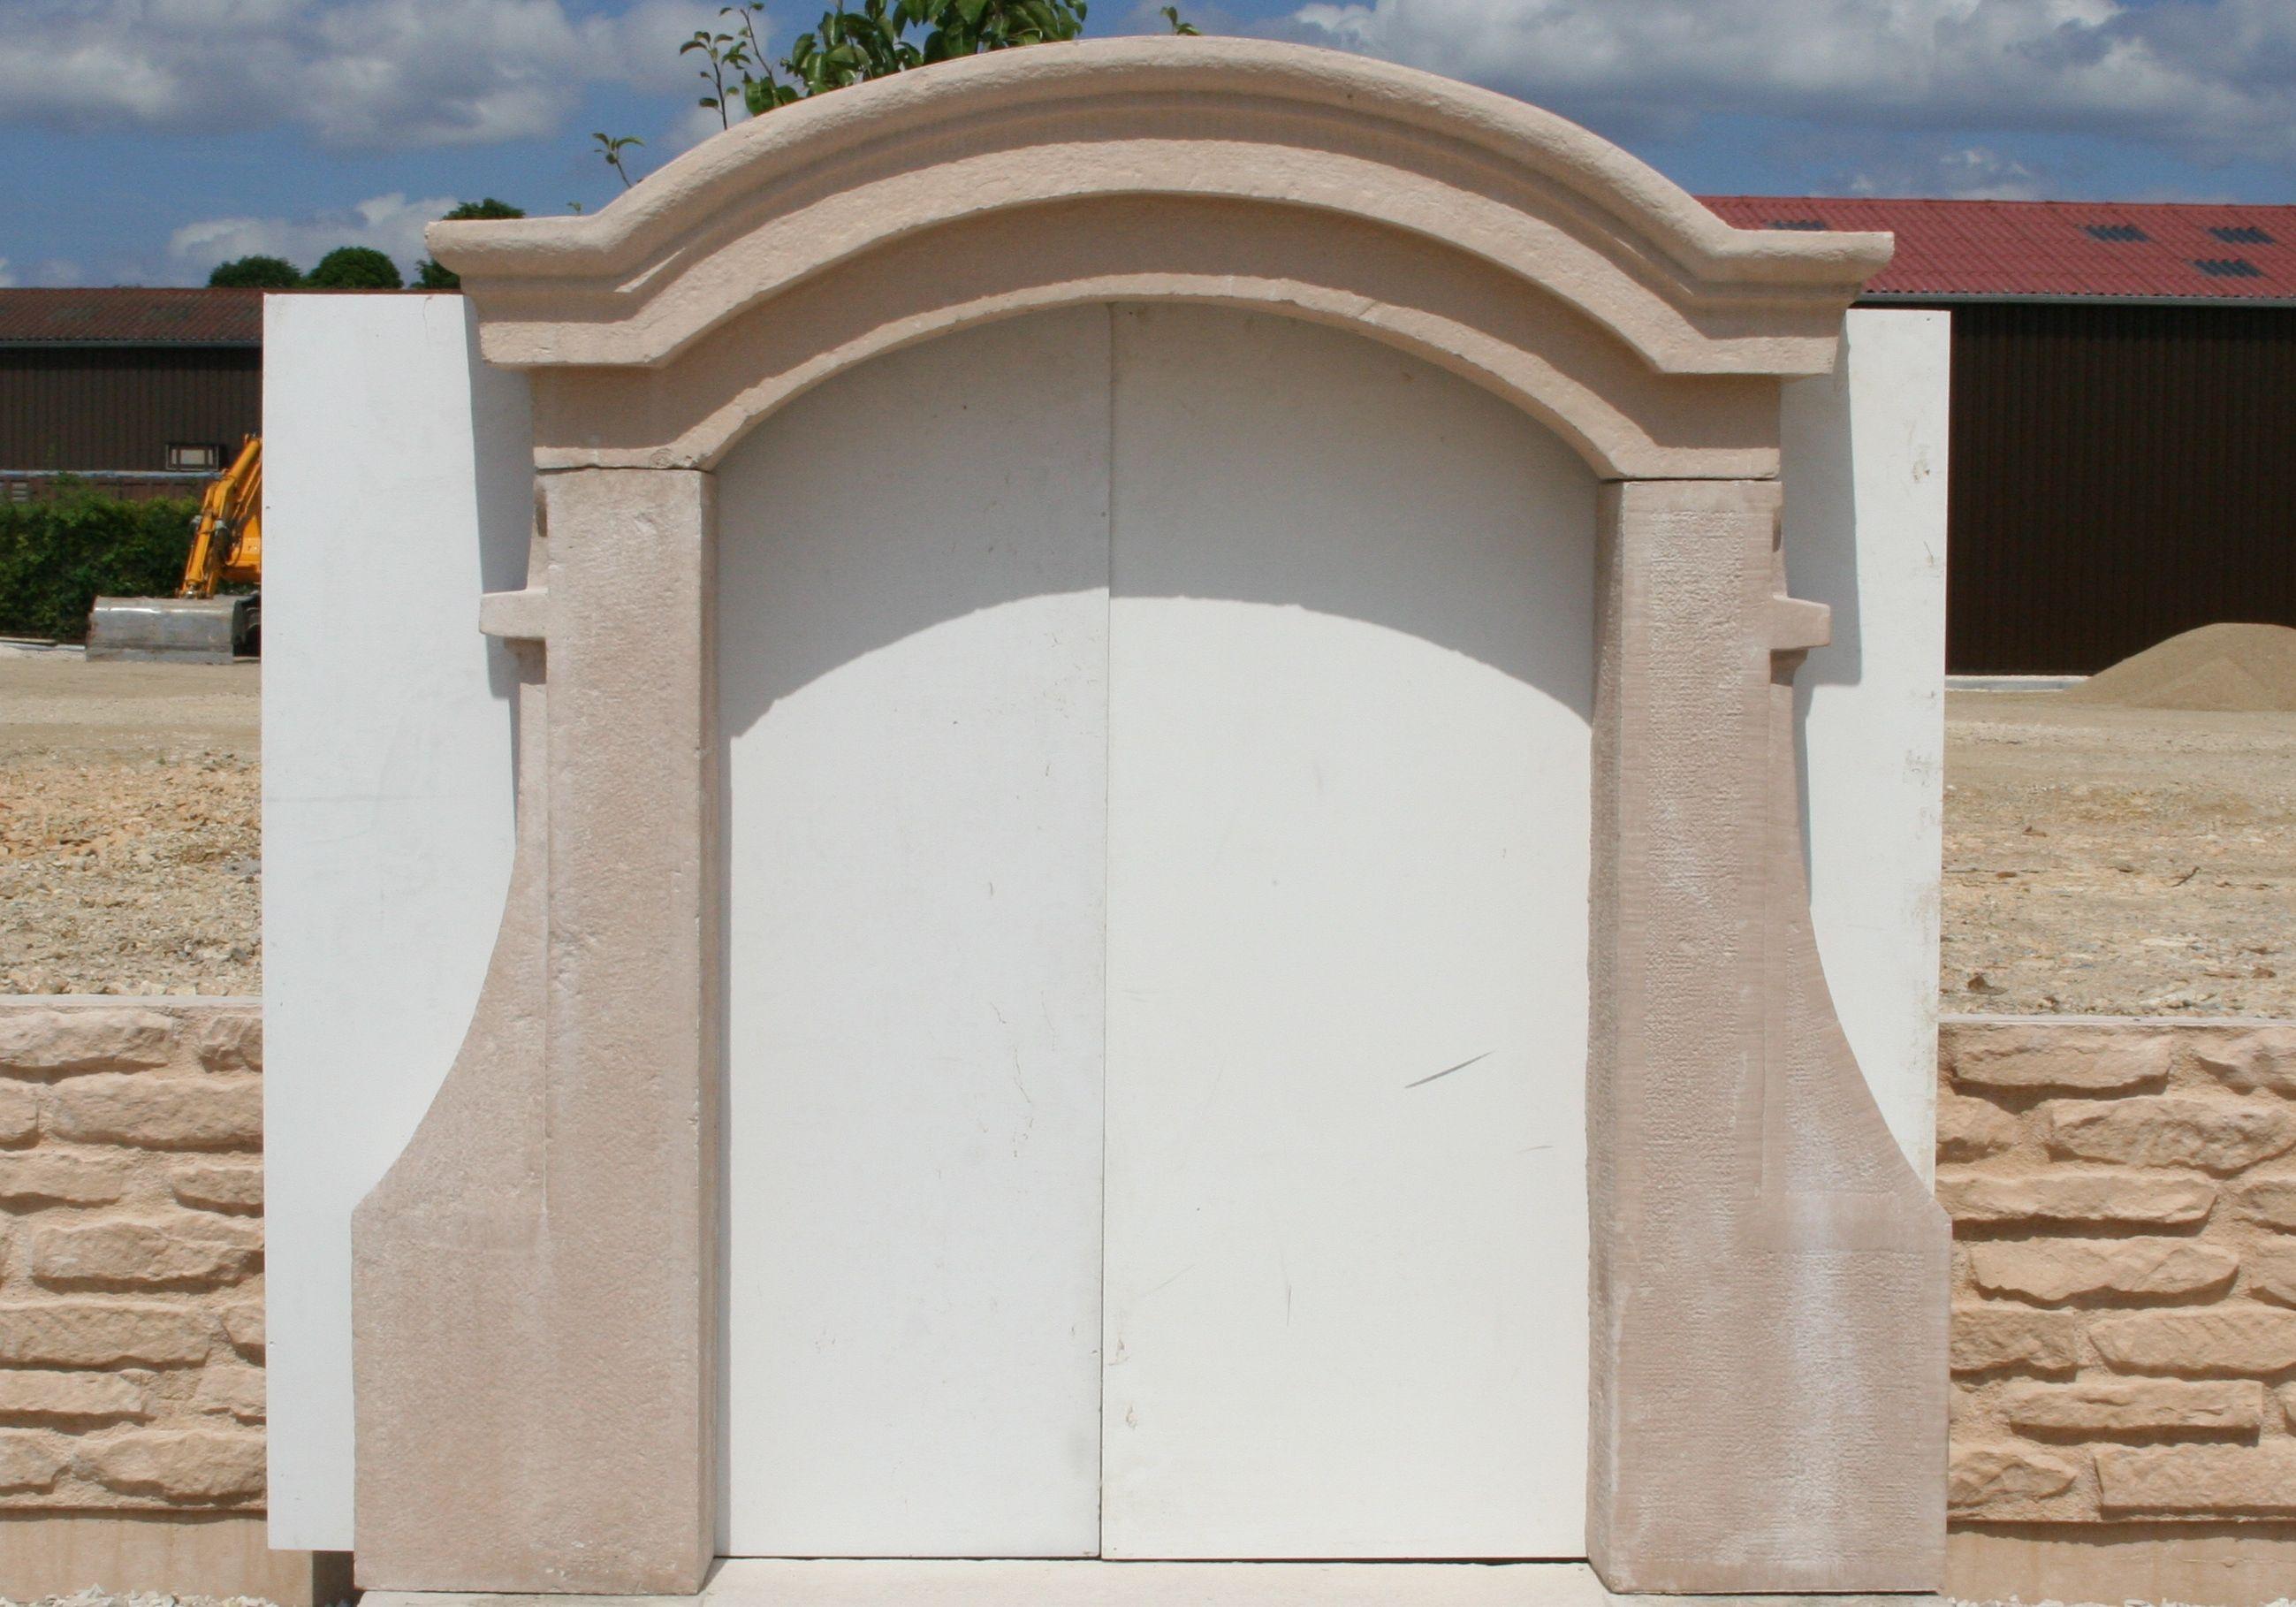 Lucarne Chapeau De Gendarme Gamme Decoration Facade En Pierre Reconstituee Ou Beton Decoratif Decoration Facade Lucarne Decoration Beton